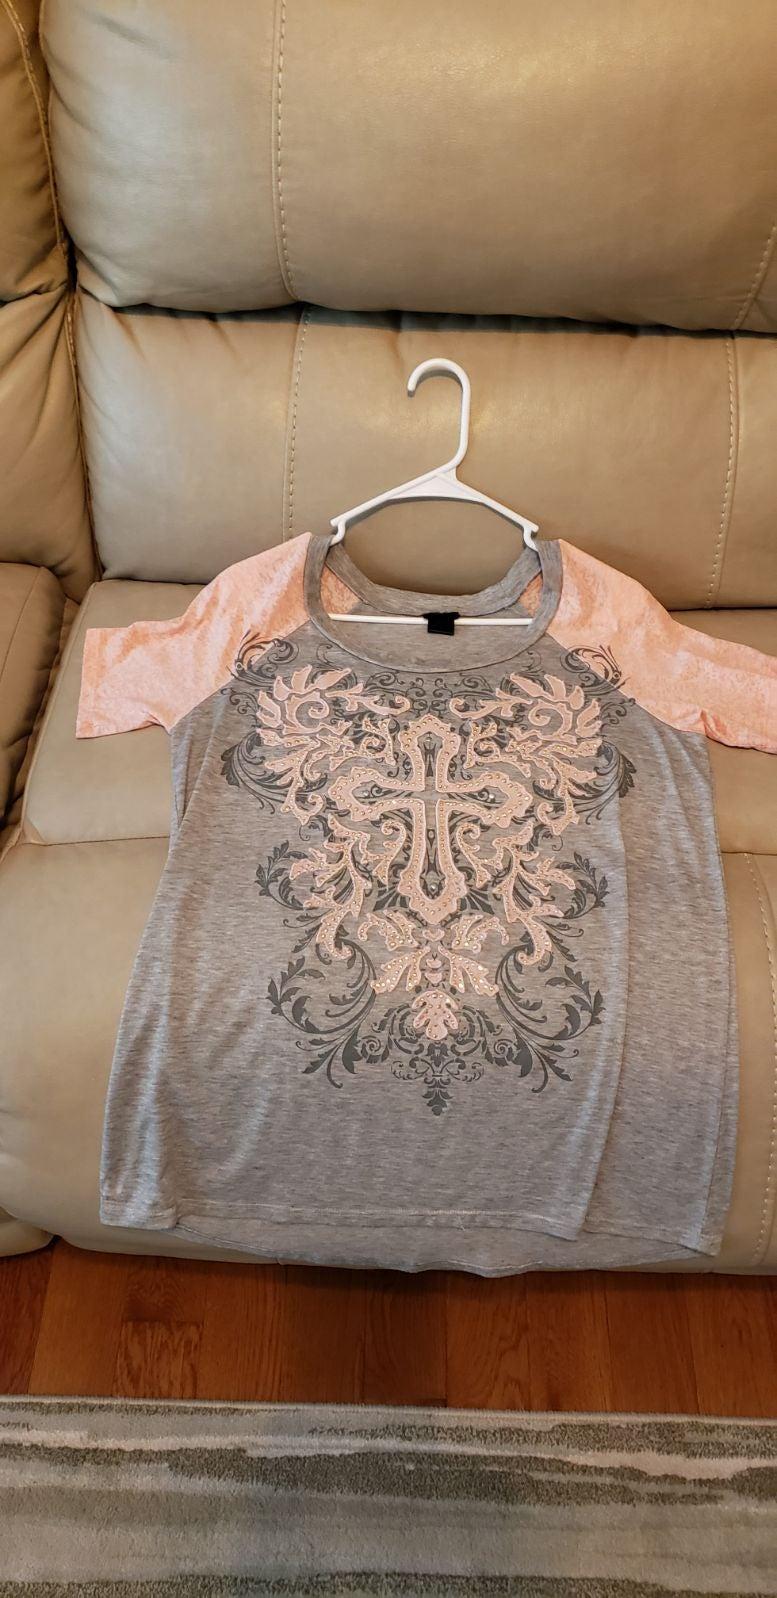 Daytrip size large pink /grey shirt